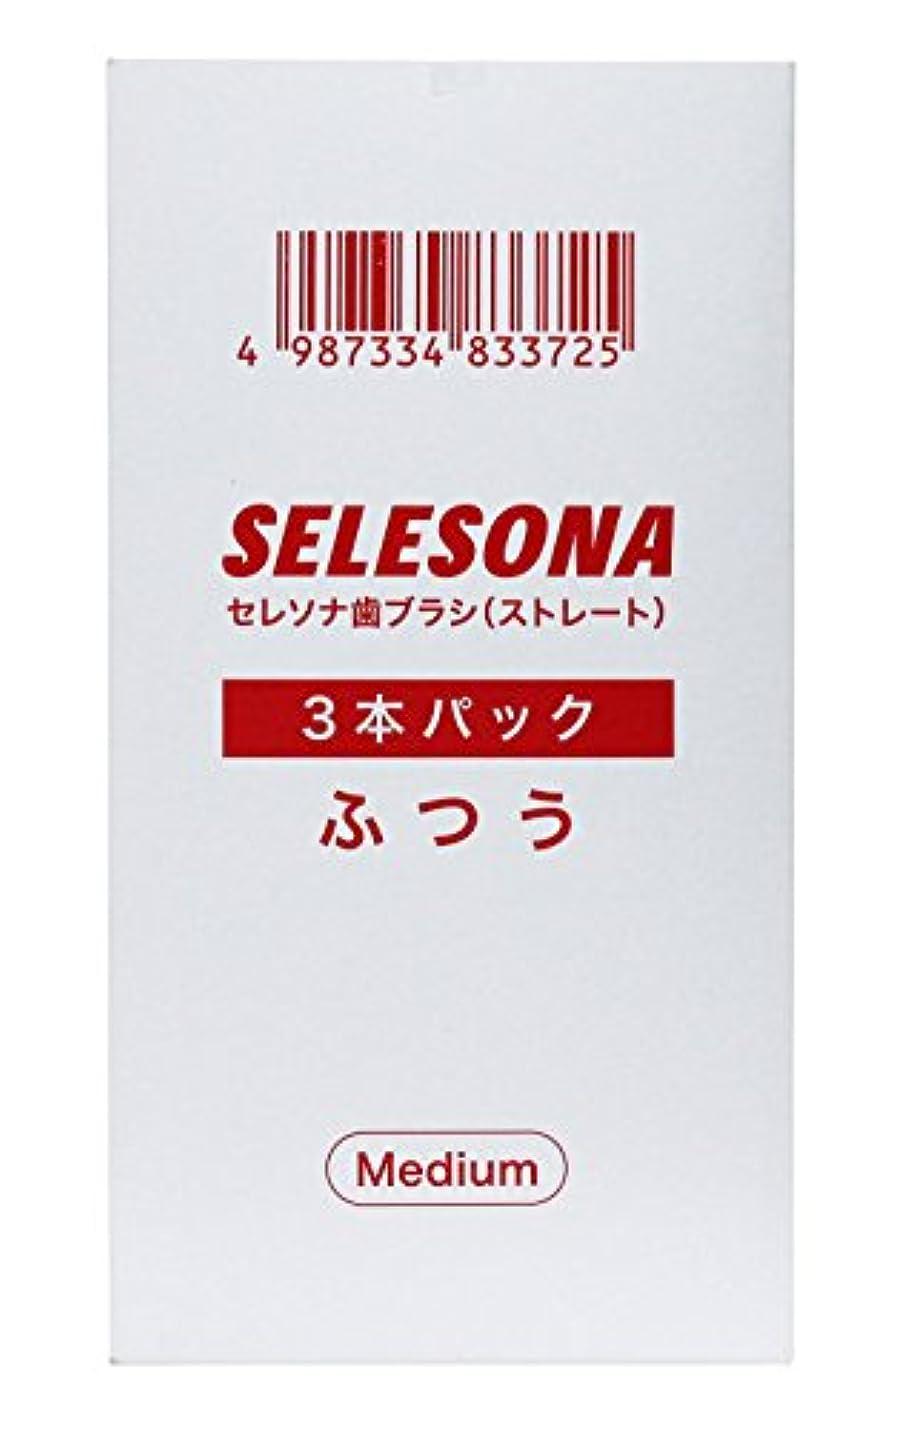 本物の印刷する周り本草製薬 セレソナ歯ブラシ 3本P ストレートカットふつう 3本x10